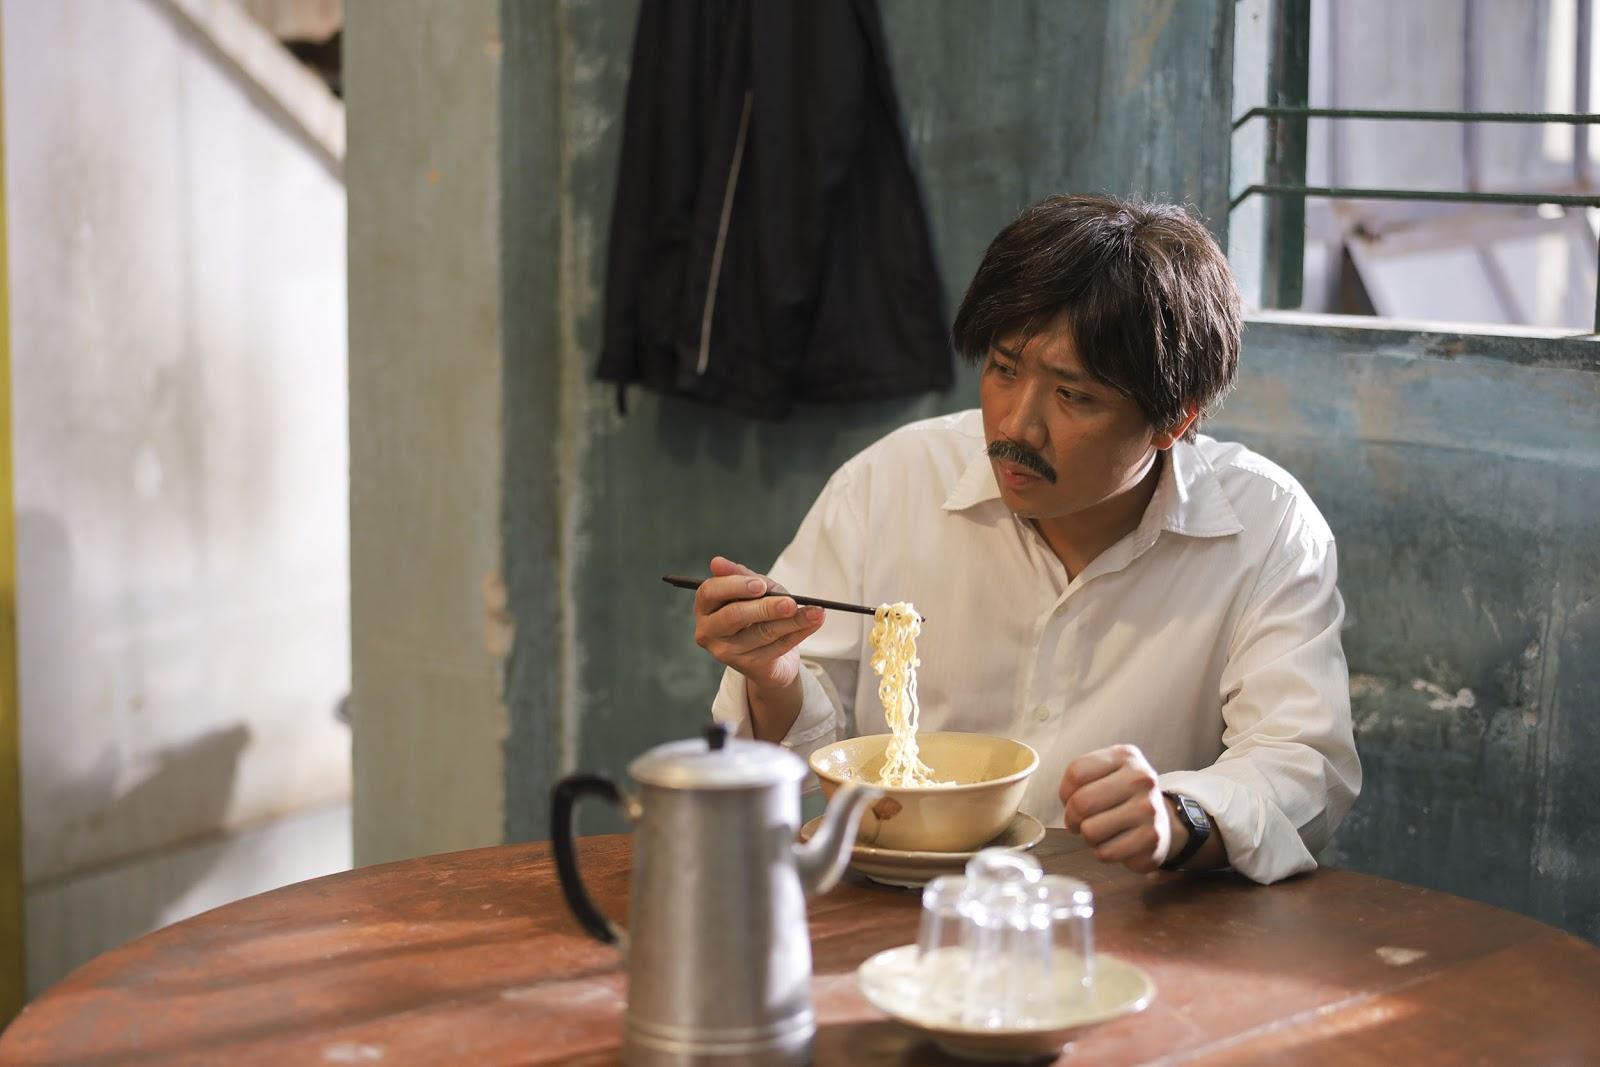 Trấn Thành trở thành ông bố lam lũ, 'cục súc' nhưng giàu tình cảm trong web-drama 'Bố già' - Hình 5